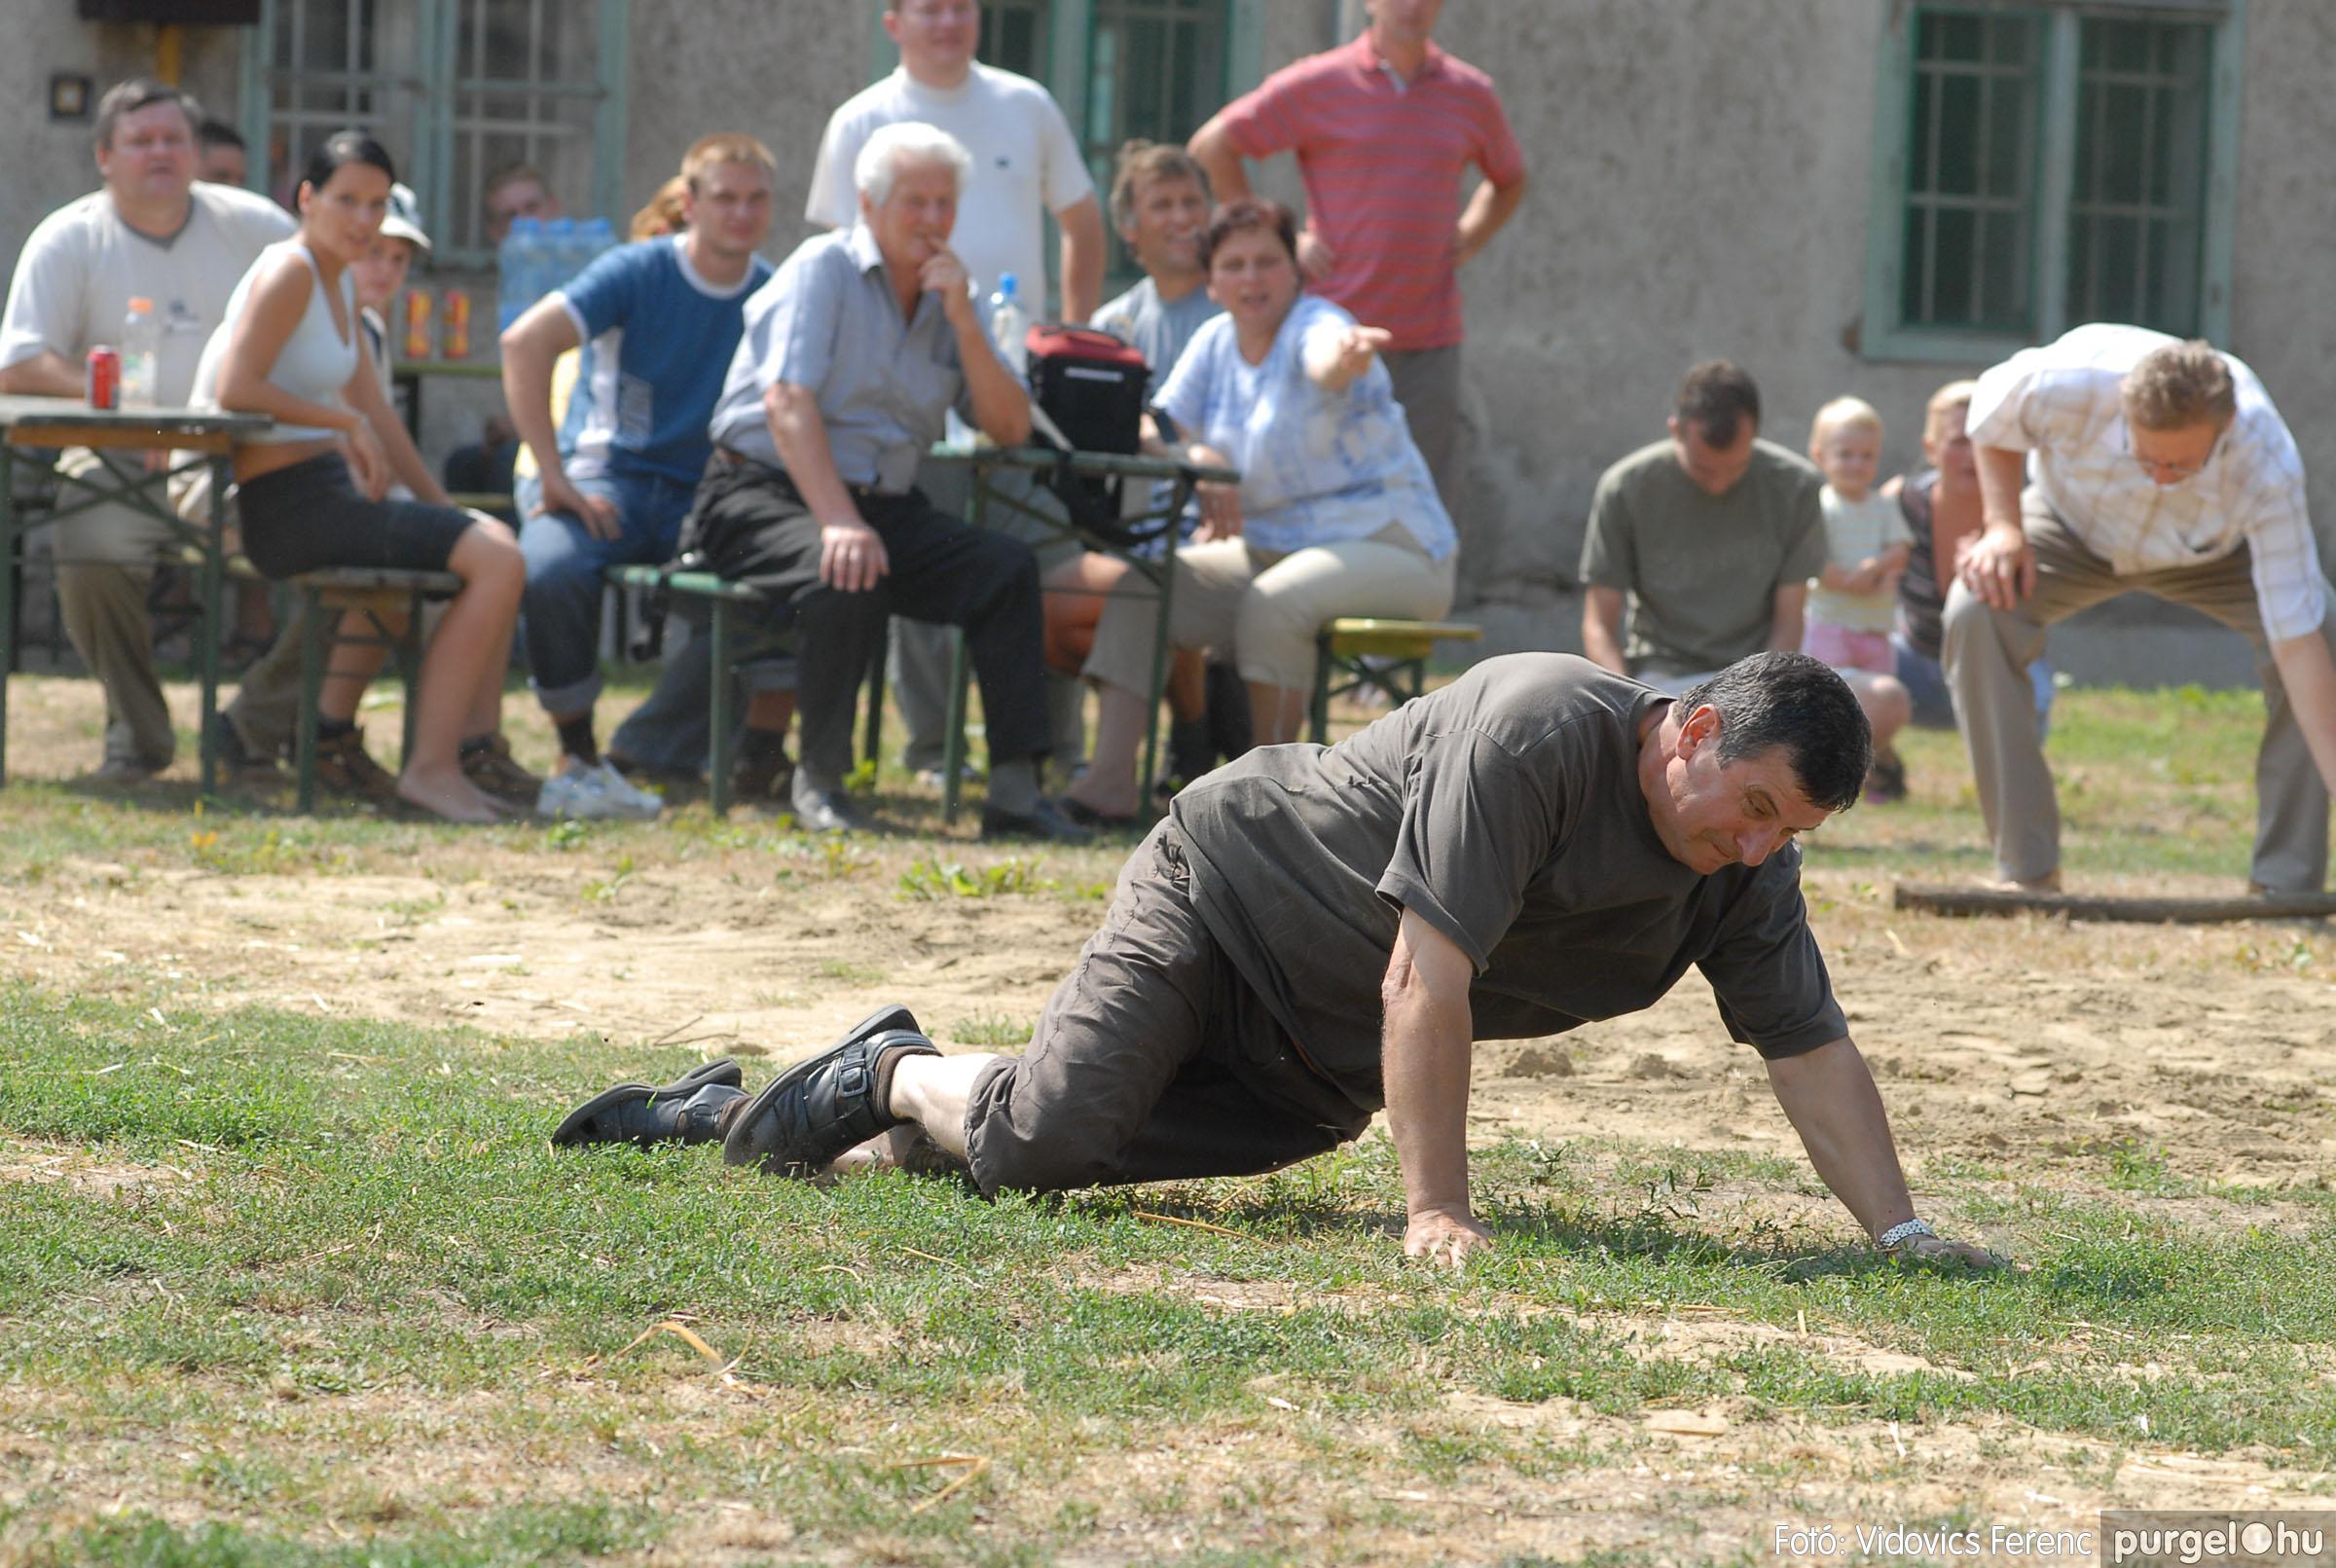 2007.08.18. 0176 Szegvári falunapok 2007. - 2. nap - Fotó:VIDOVICS FERENC© DSC_5643.jpg